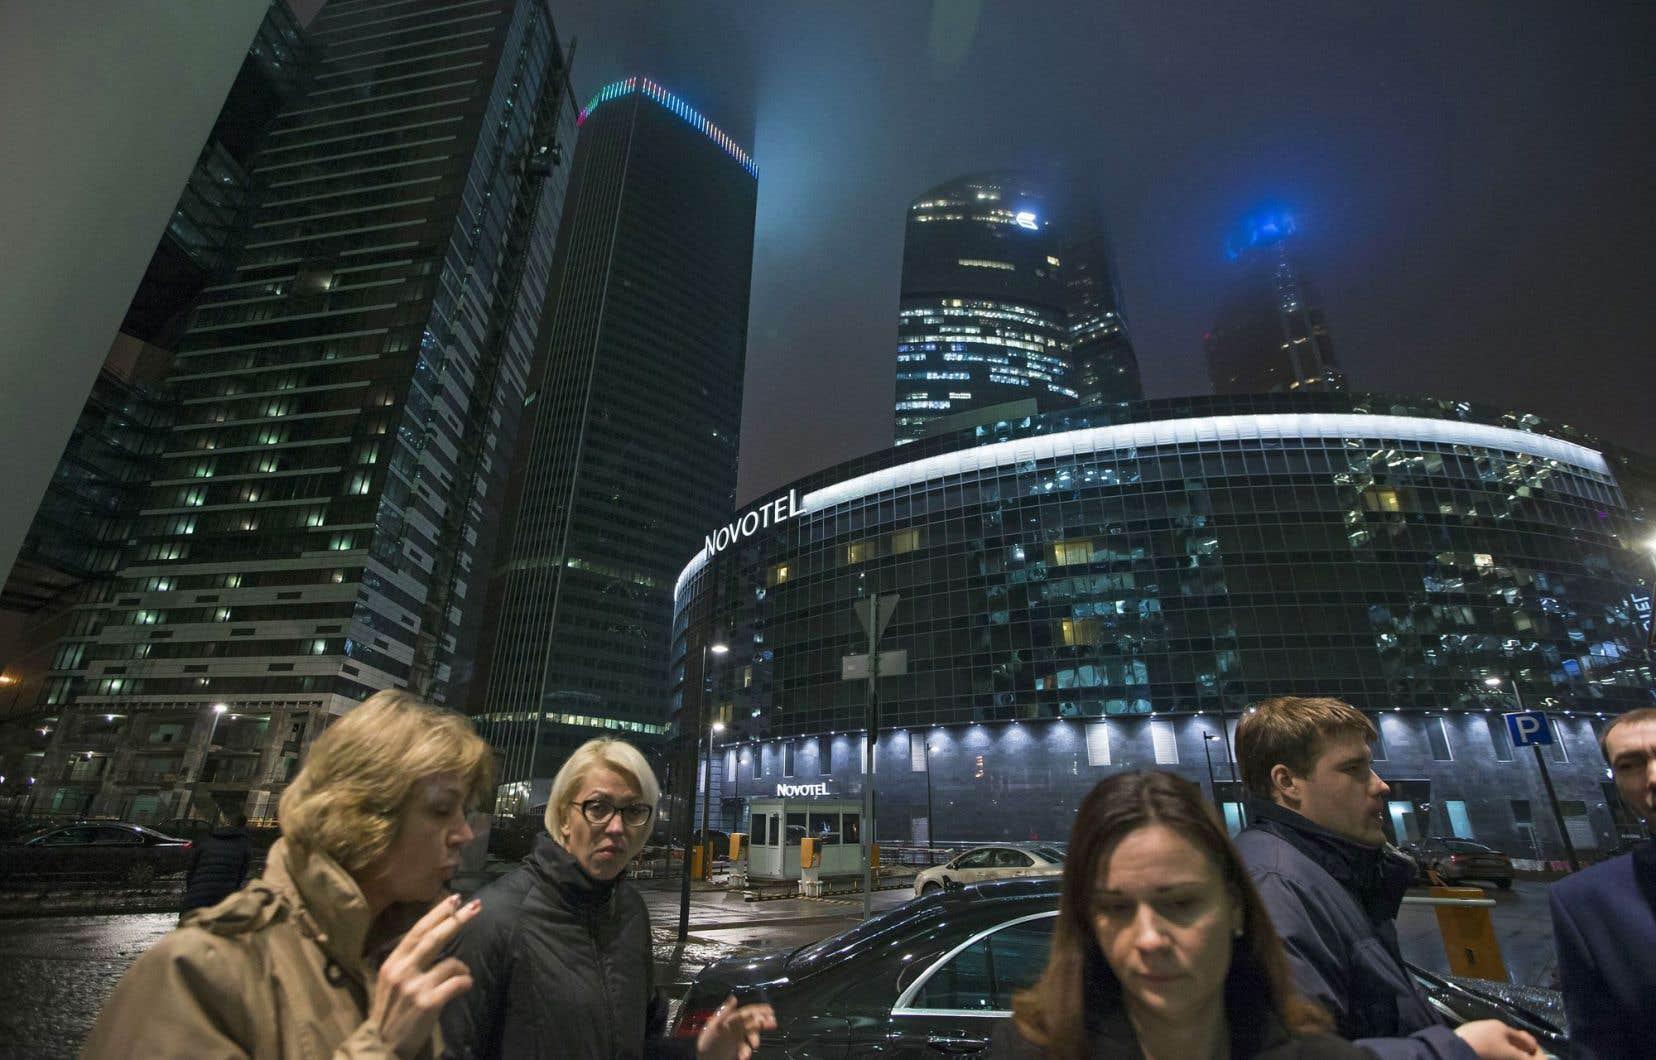 Des travailleurs dans le quartier des gratte-ciels à Moscou. Les Russes subissent les effets de l'effondrement de leur monnaie.